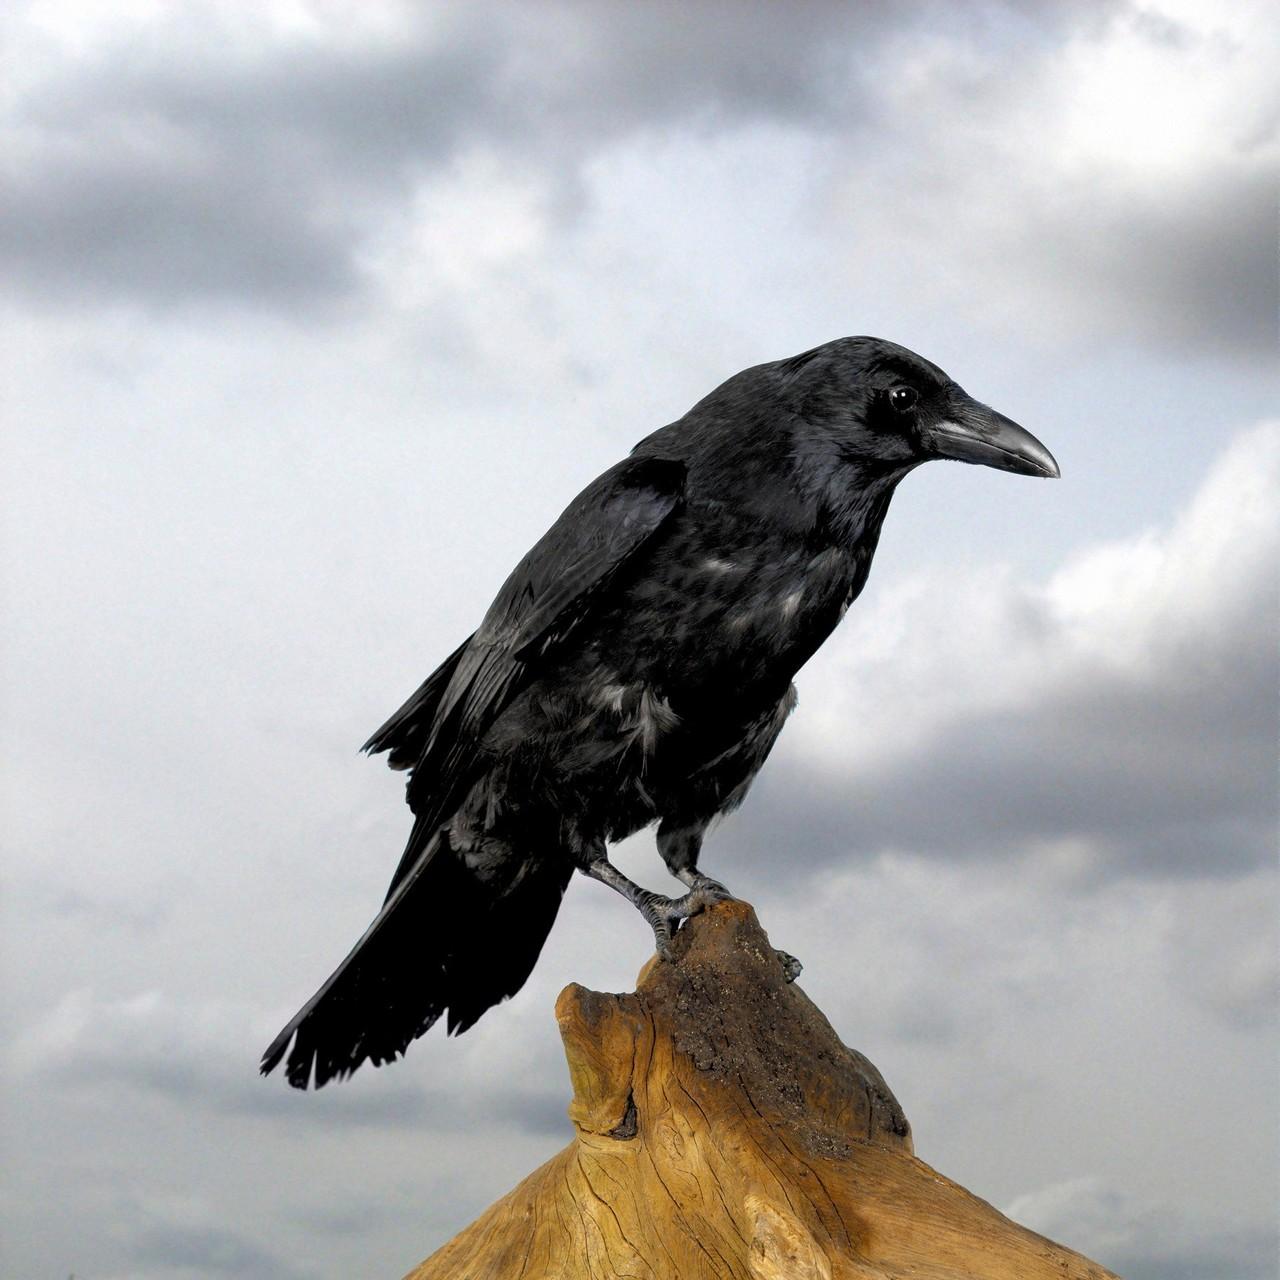 Vrána je stejně chytrá jako šimpanz. Uvažuje logicky a umí plánovat